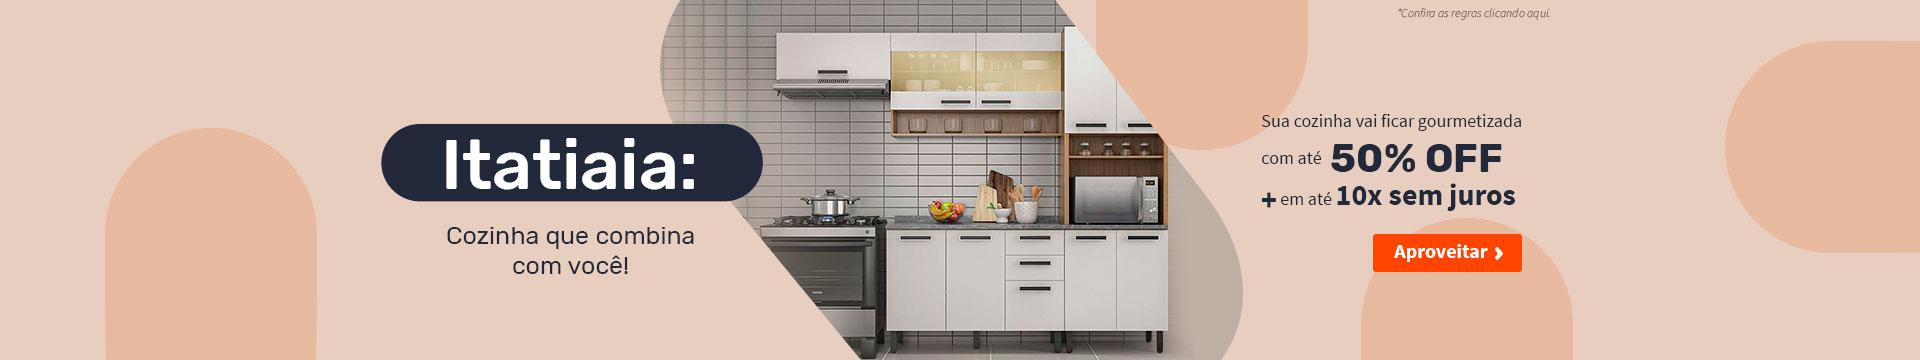 Itatiaia: Cozinha que combina com você